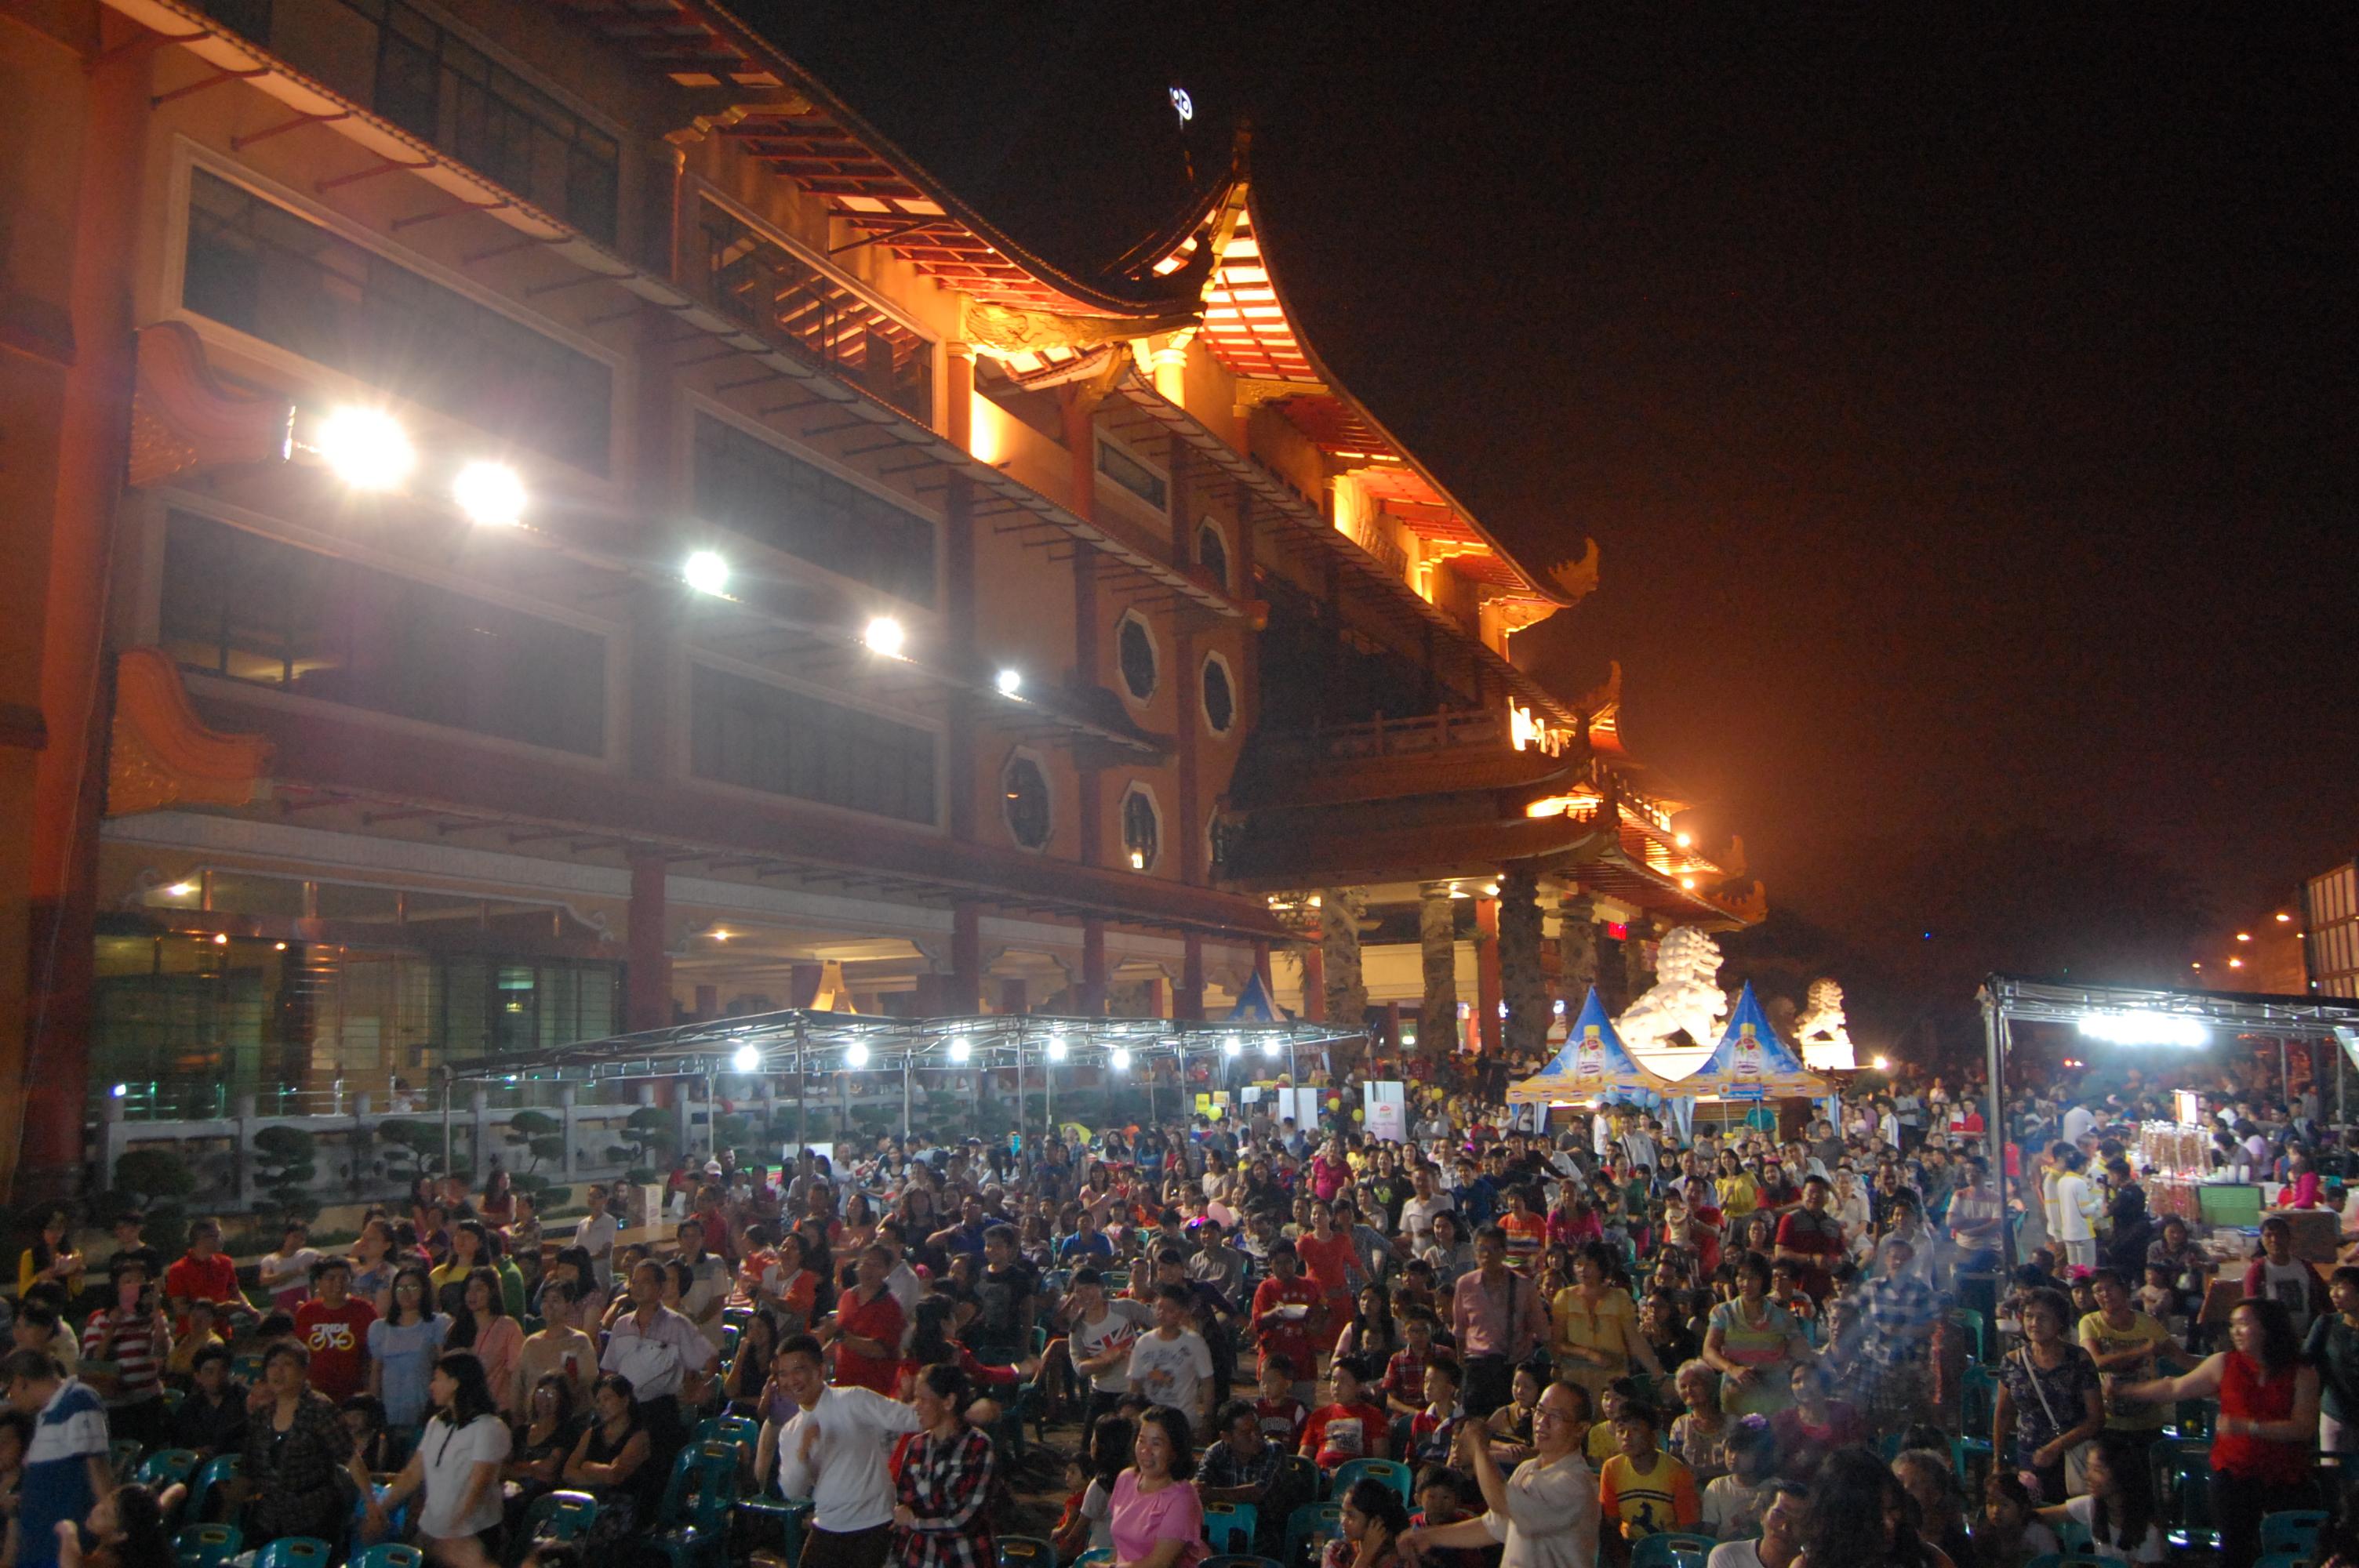 2016 Ribuan Warga Tumpah Ruah Maha Vihara Maitreya Medan Sekitarnya